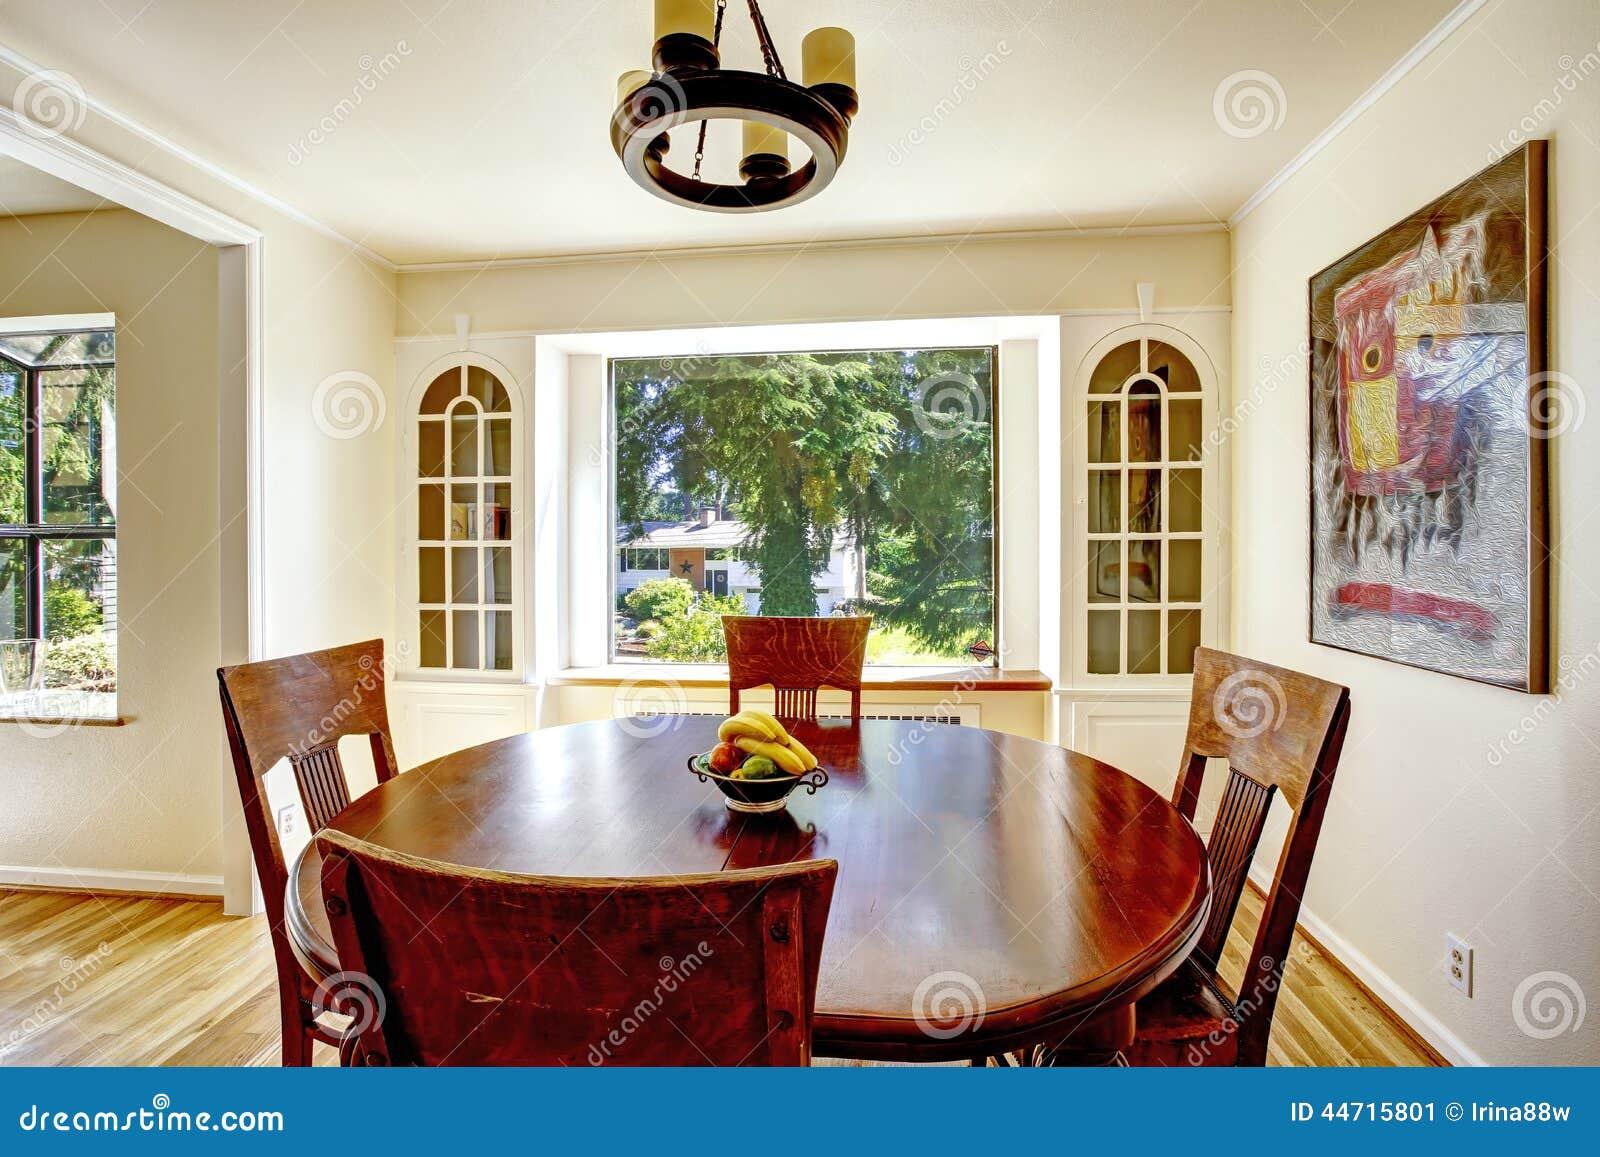 Salle A Manger Avec La Table En Bois Ronde Image Stock Image Du